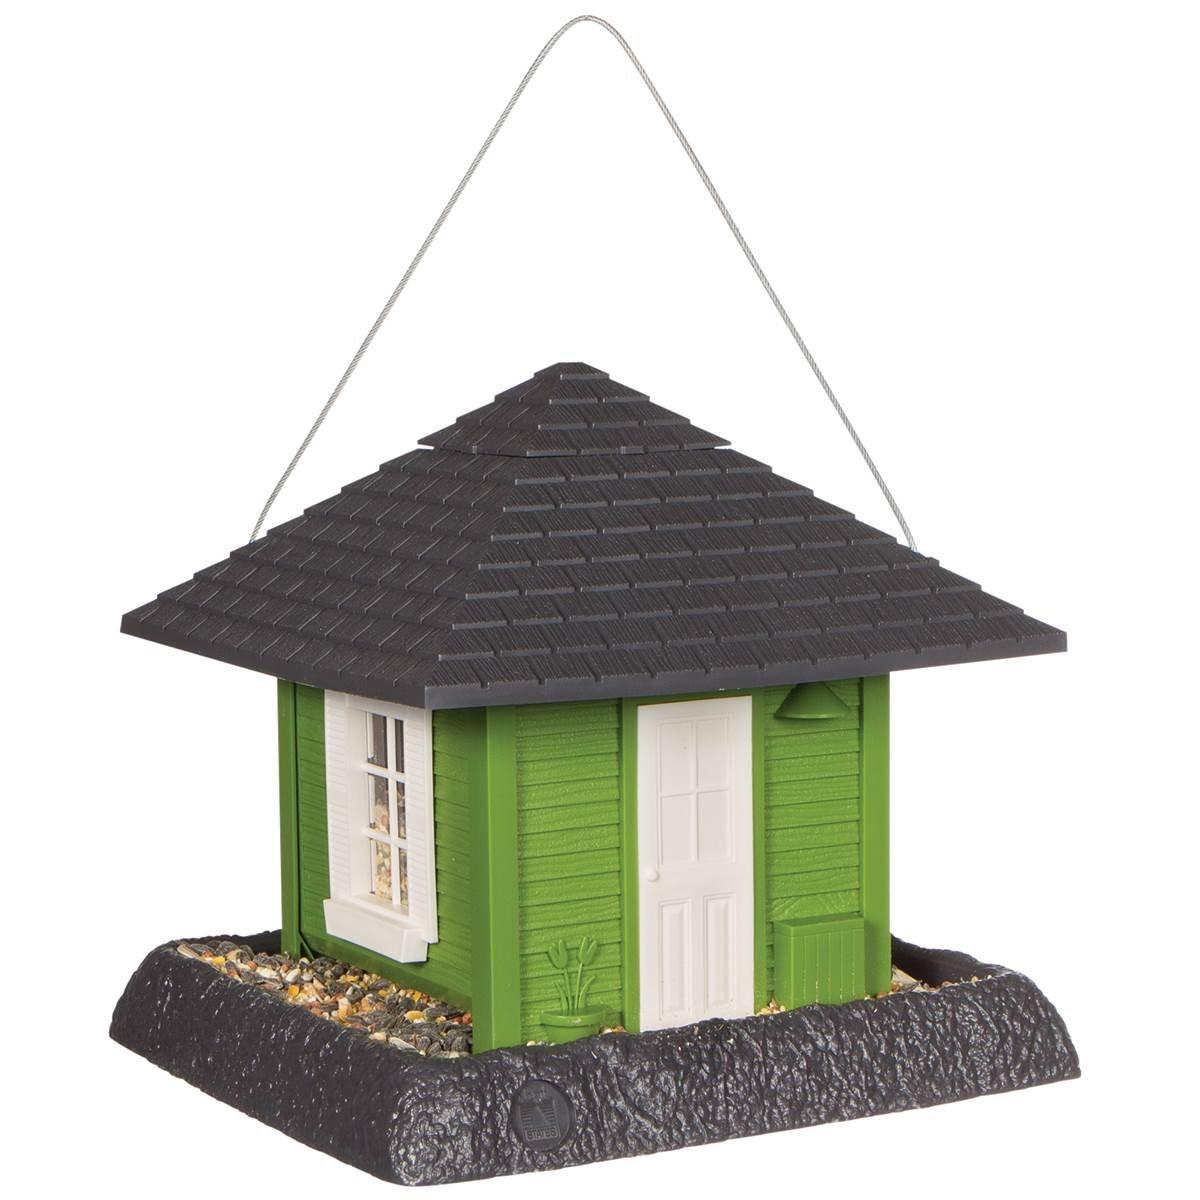 DPD North States Industries, Inc. Lightweight Garden House Birdfeeder